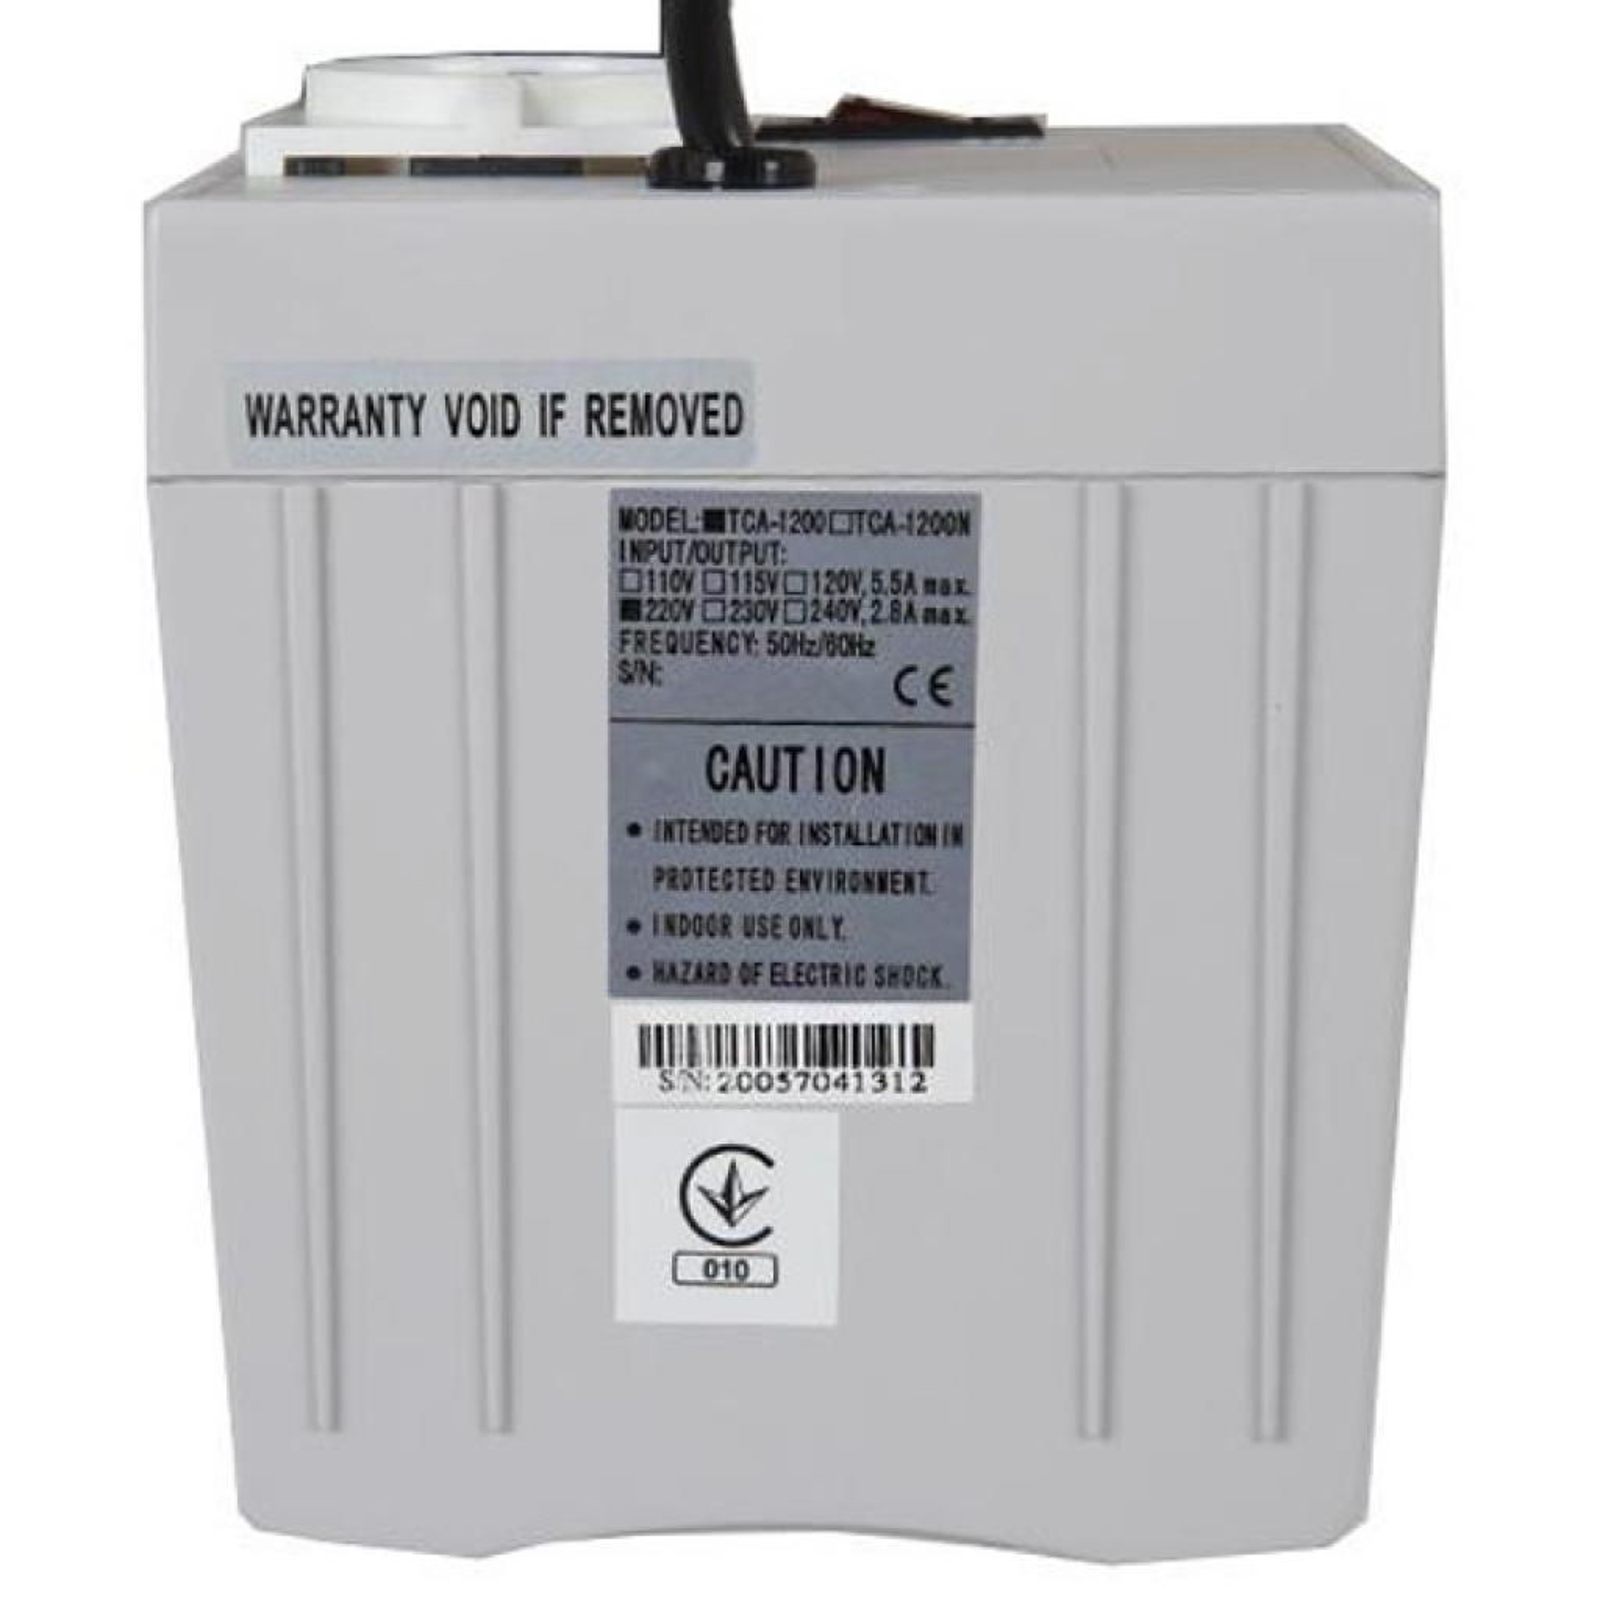 Стабилизатор TCA-1200 Powercom изображение 2